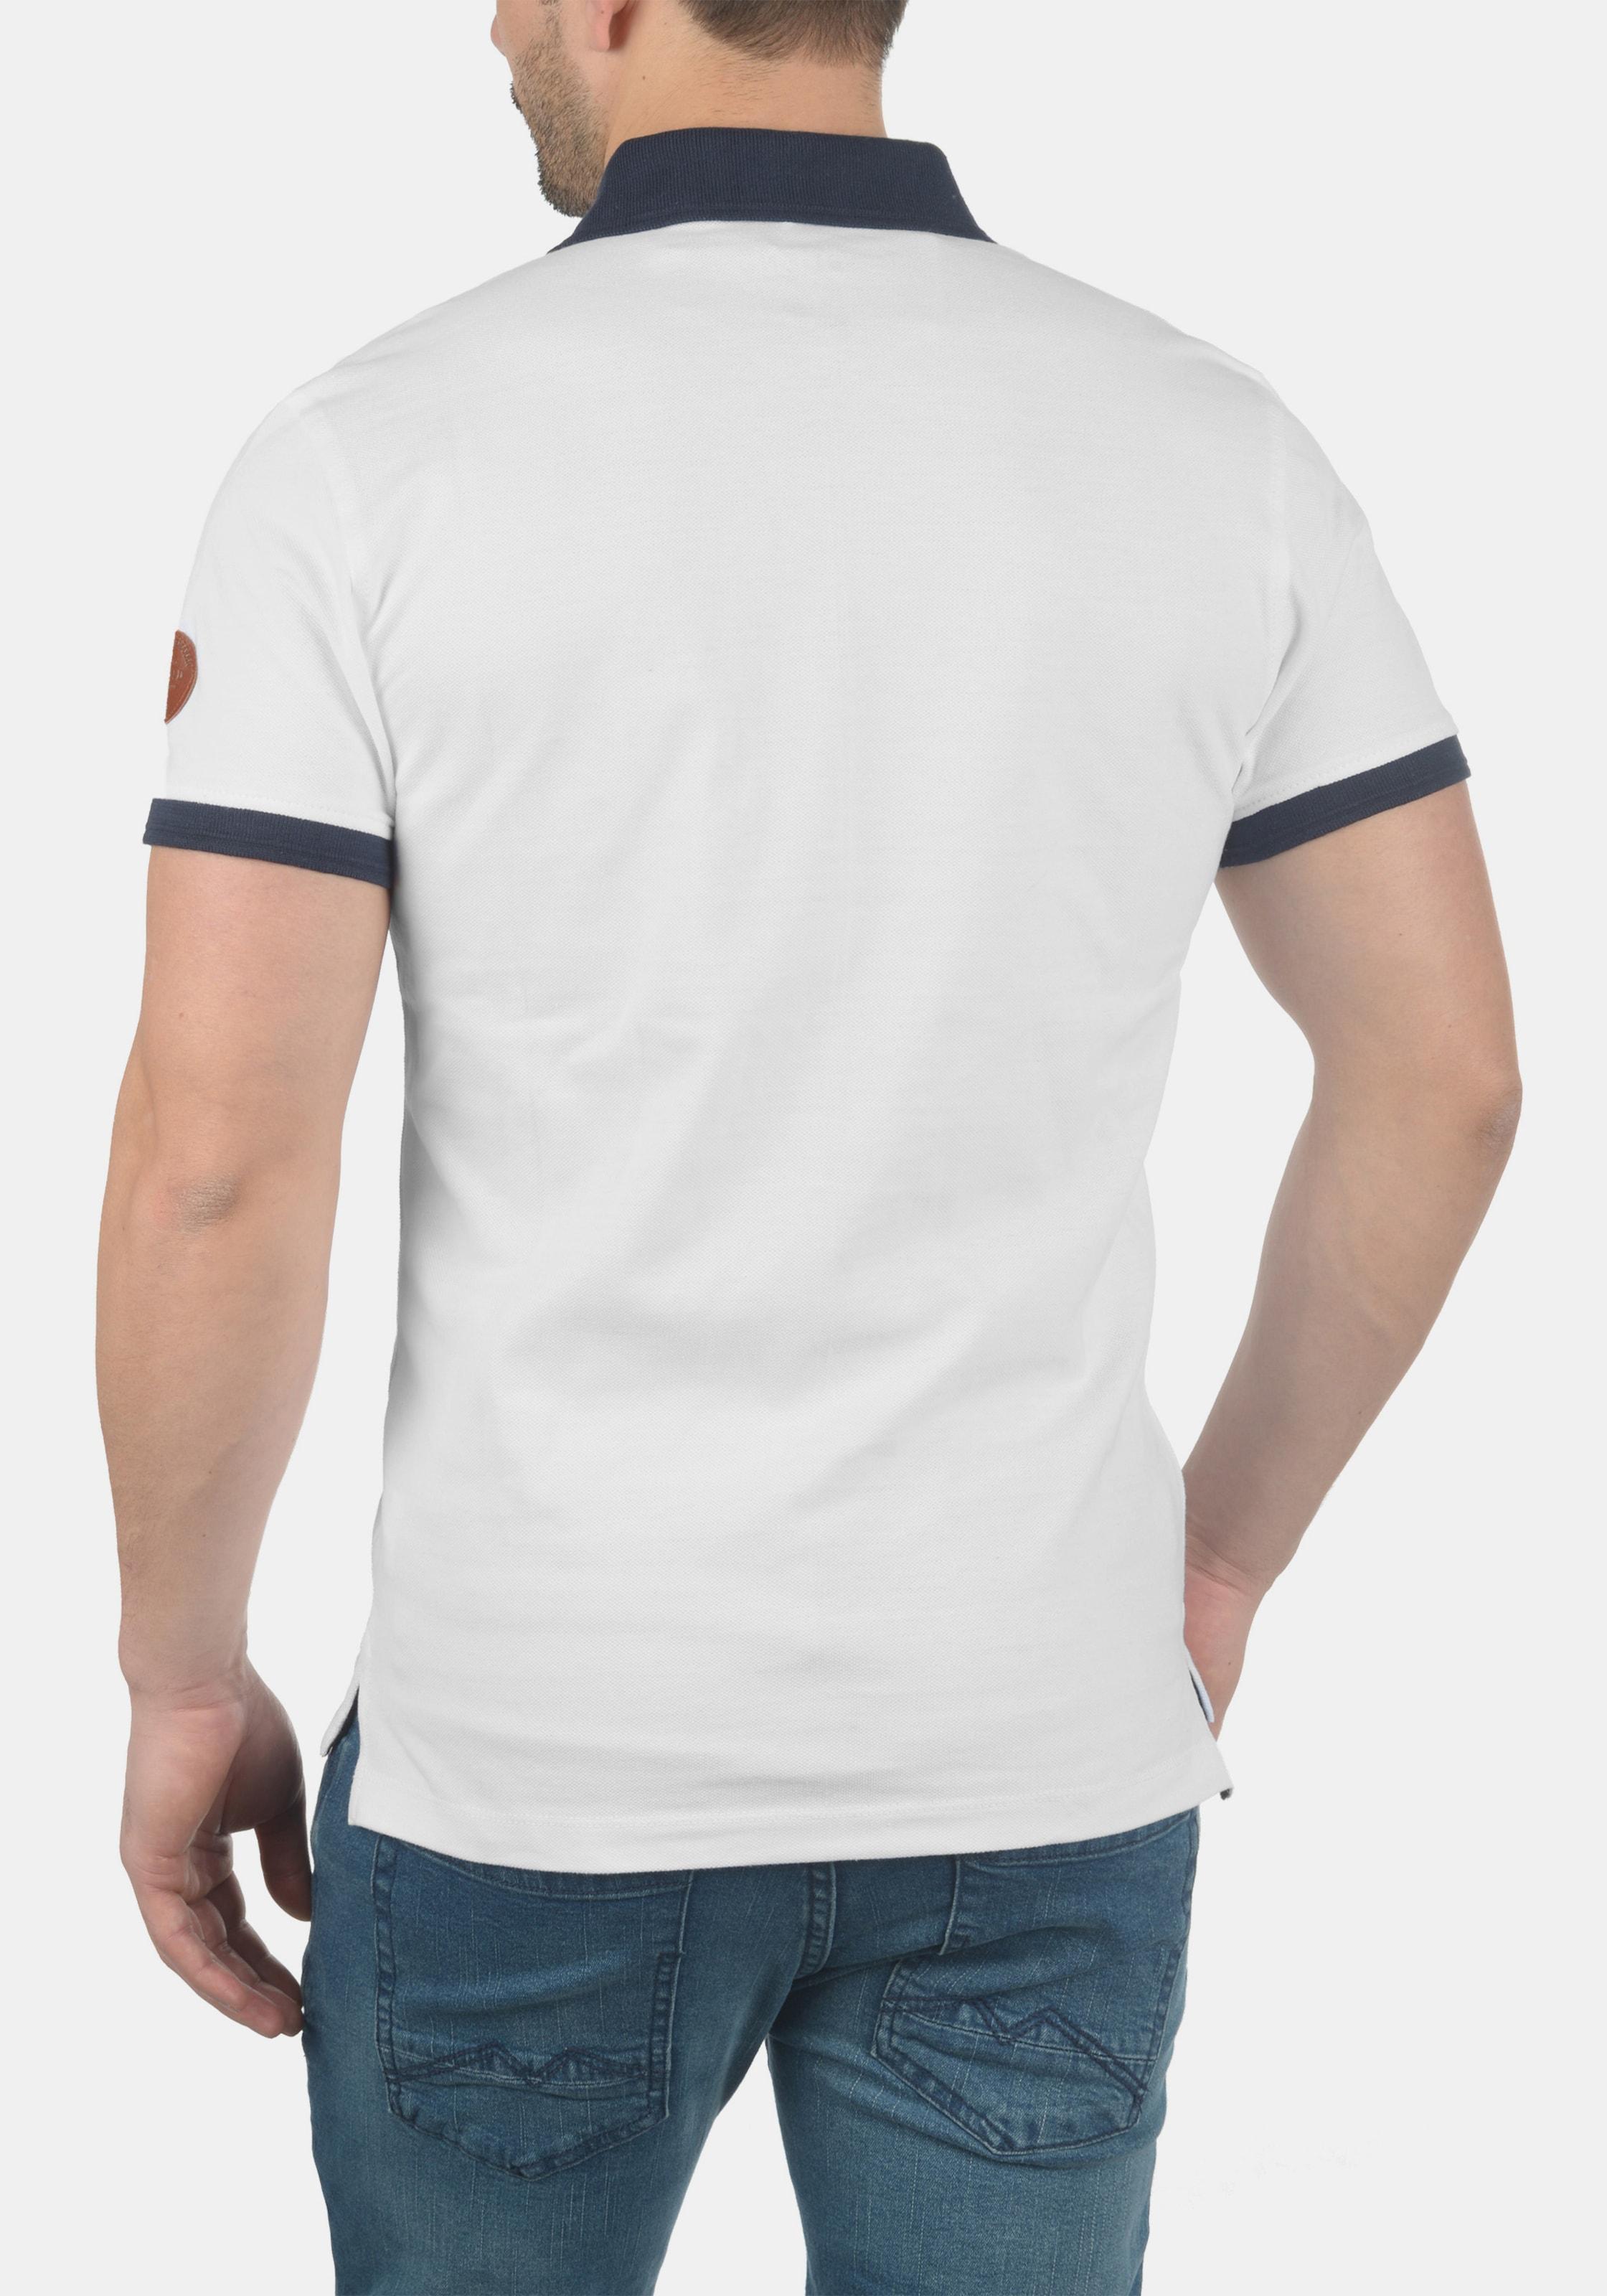 Silber 'ralf' In 'ralf' Blend Blend Poloshirt Poloshirt iXPZkuO